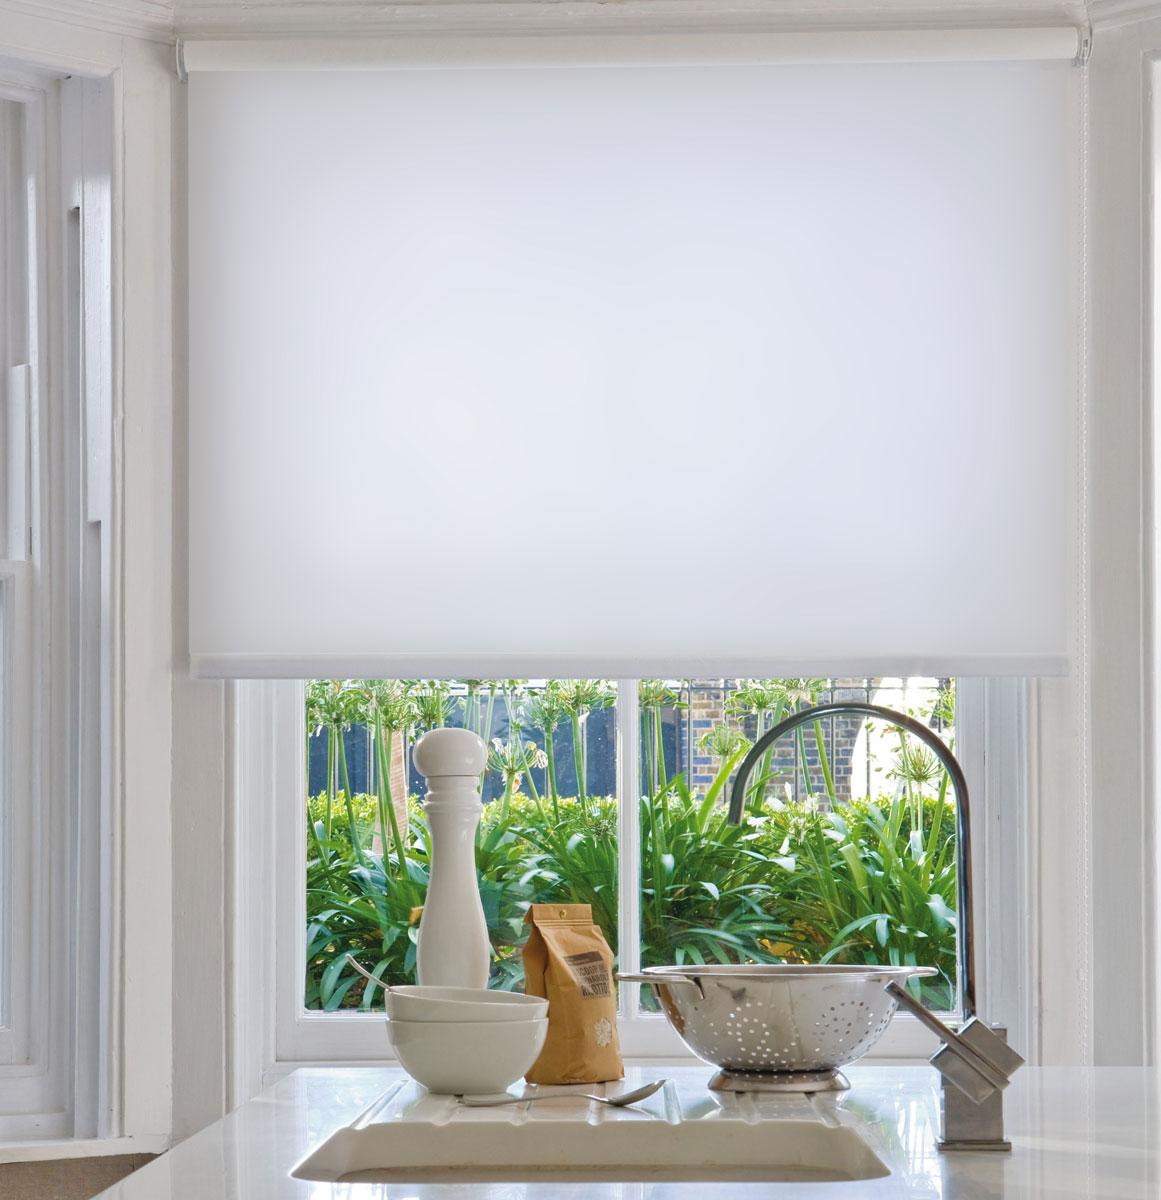 Миниролло KauffOrt 52х170 см, светонепроницаемая, цвет: белый